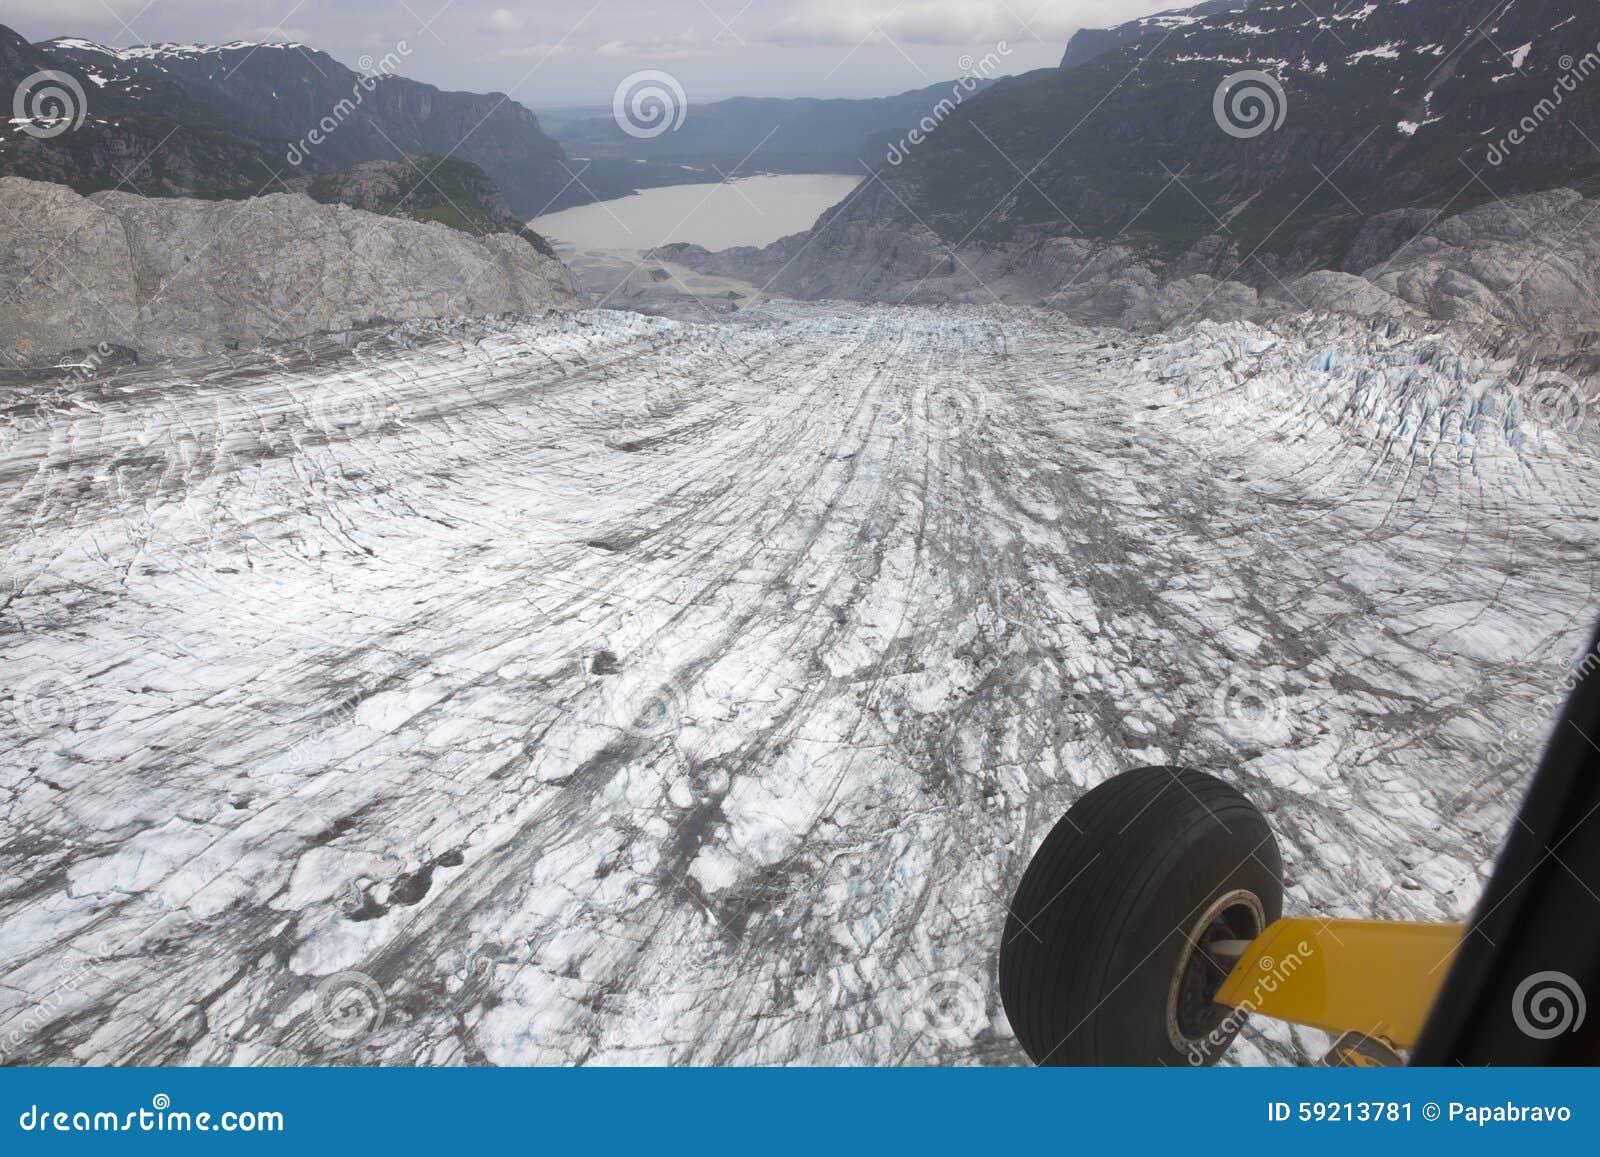 More similar stock images of ` Aerial view of alaskan wilderness `